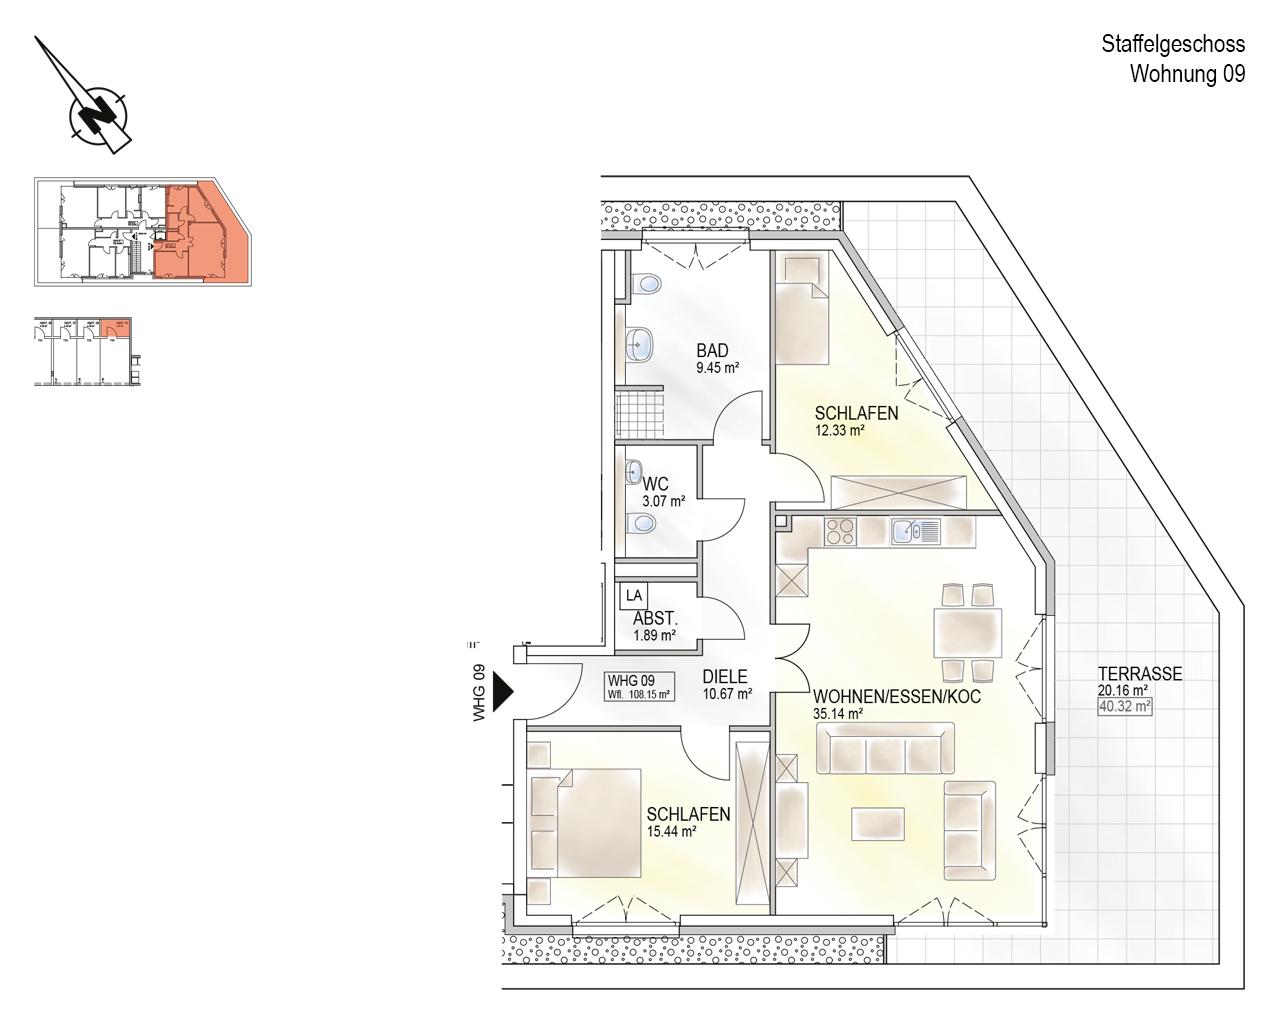 Trier, Schweich-Issel, Schweicher Str. 45, Wohnung 09